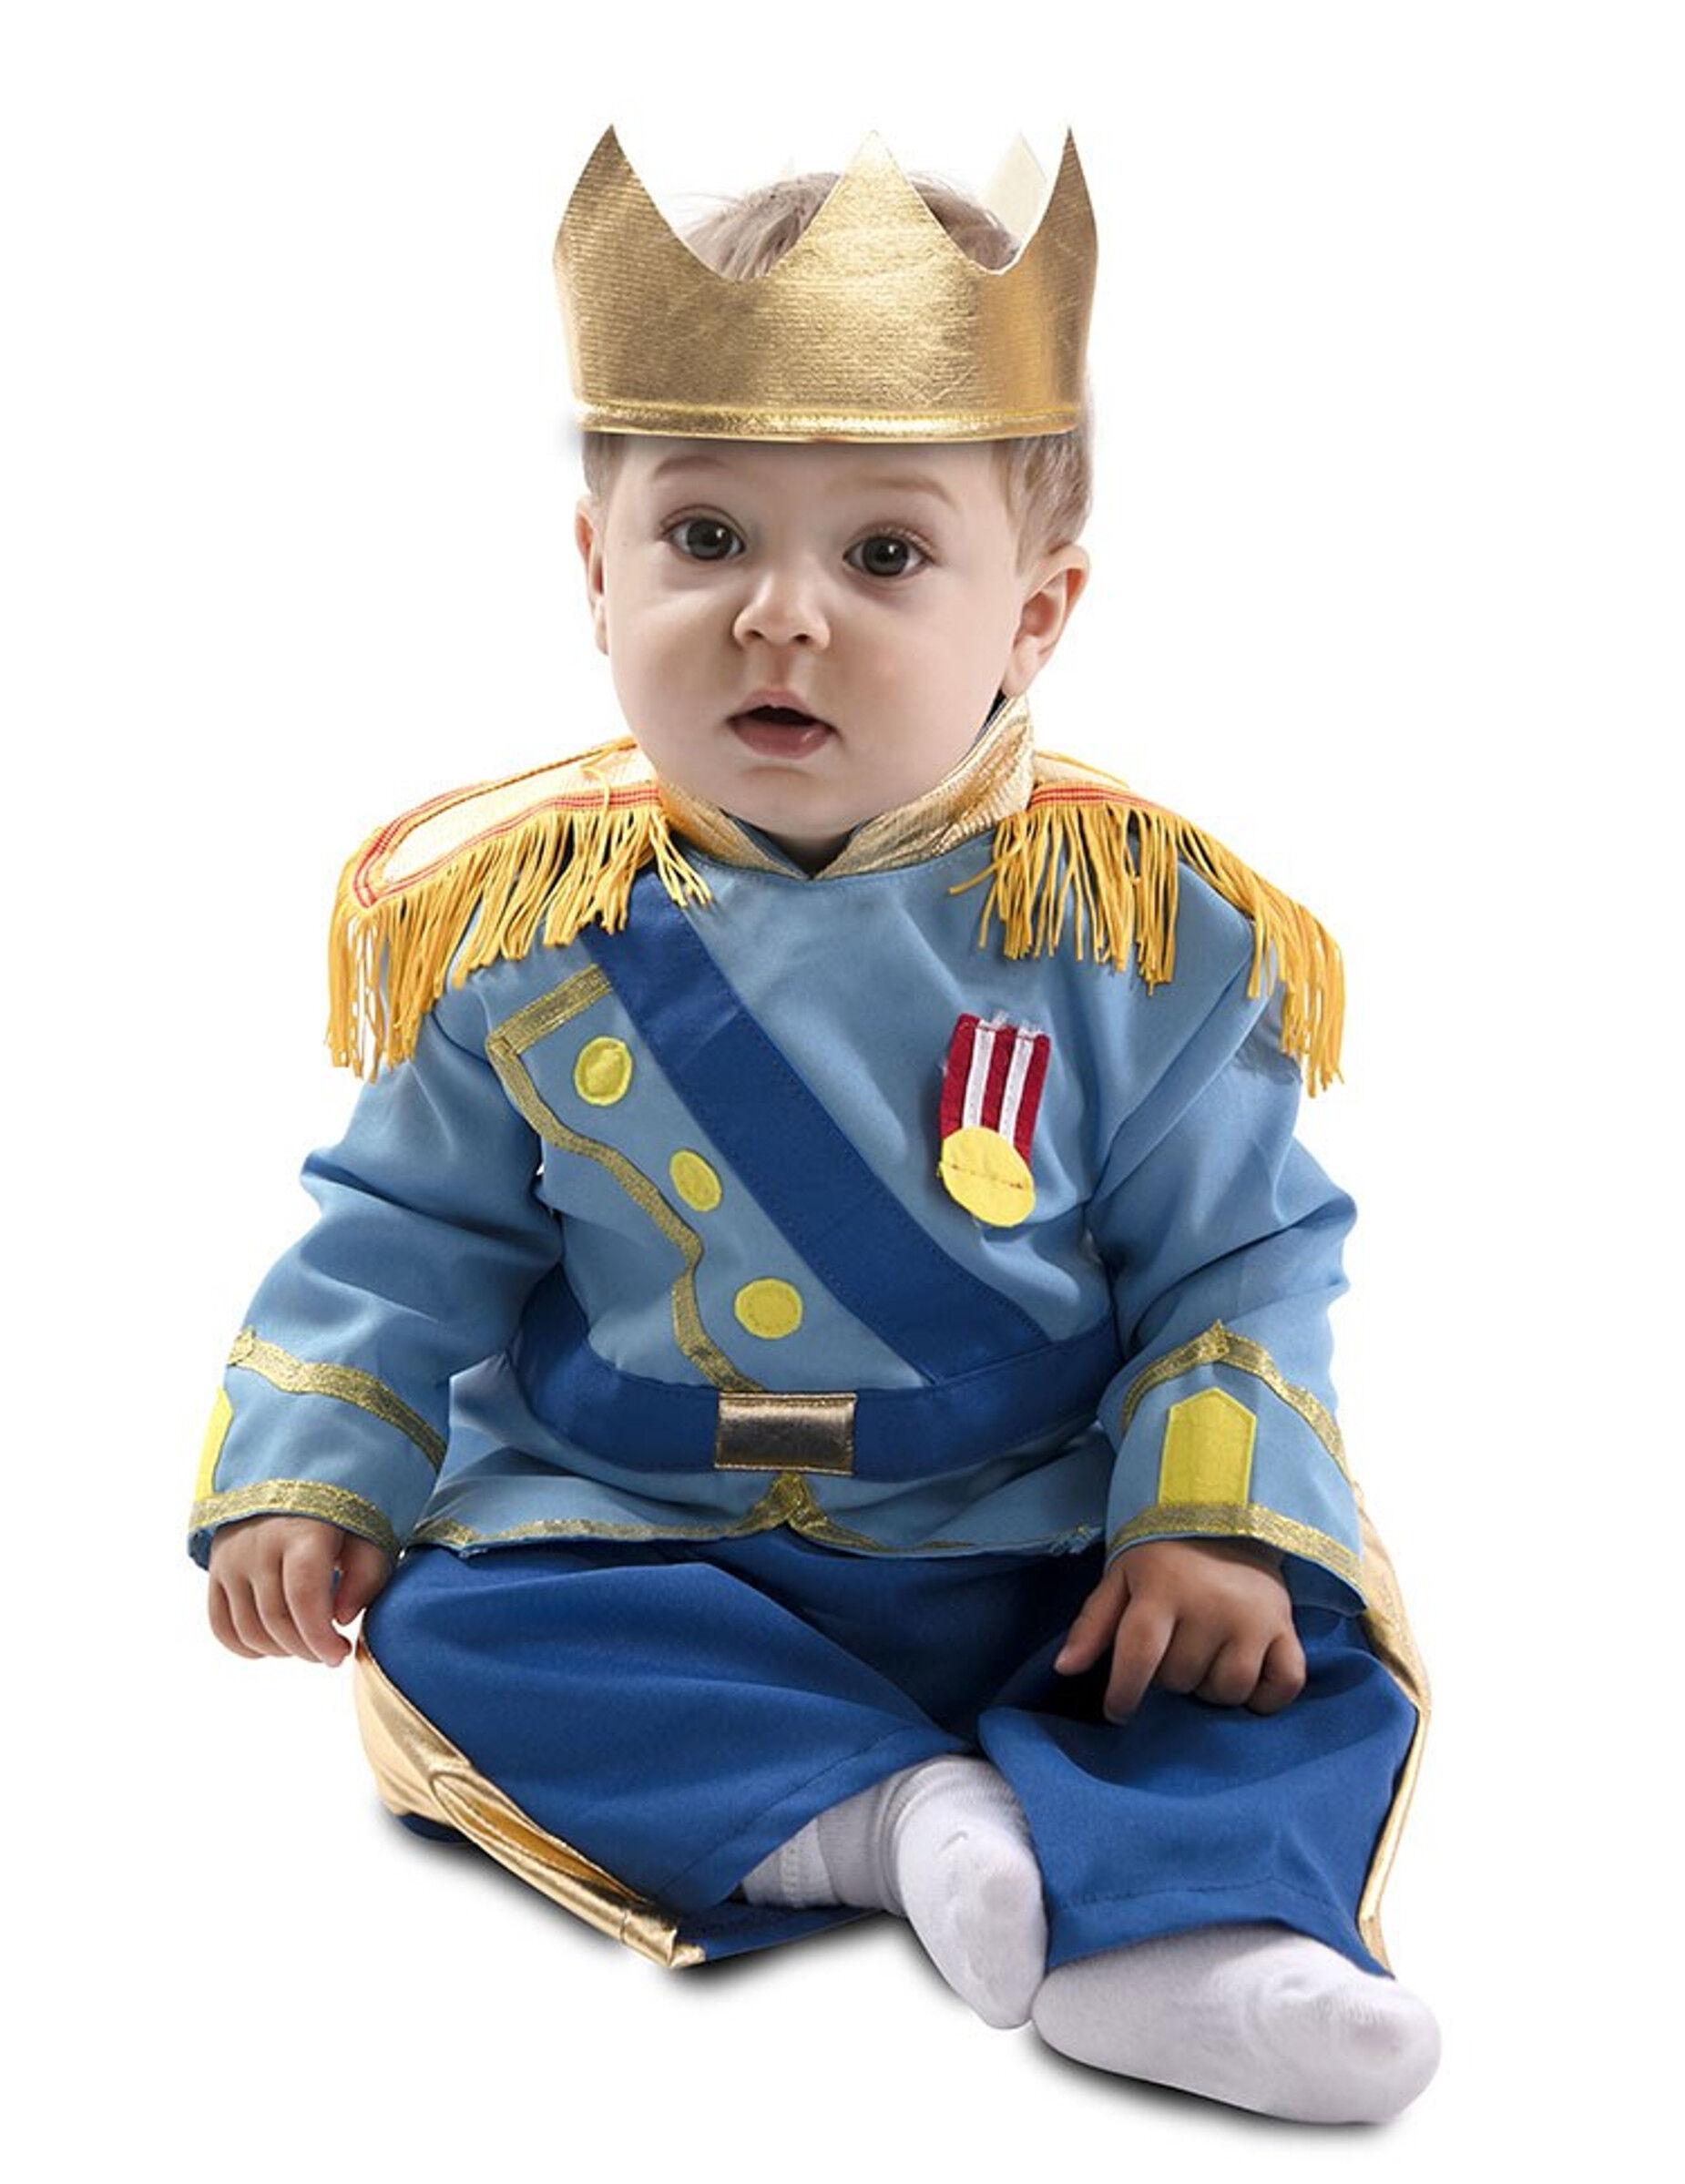 Deguisetoi Déguisement petit prince bleu bébé - Taille: 6 à 12 mois (67-69 cm)